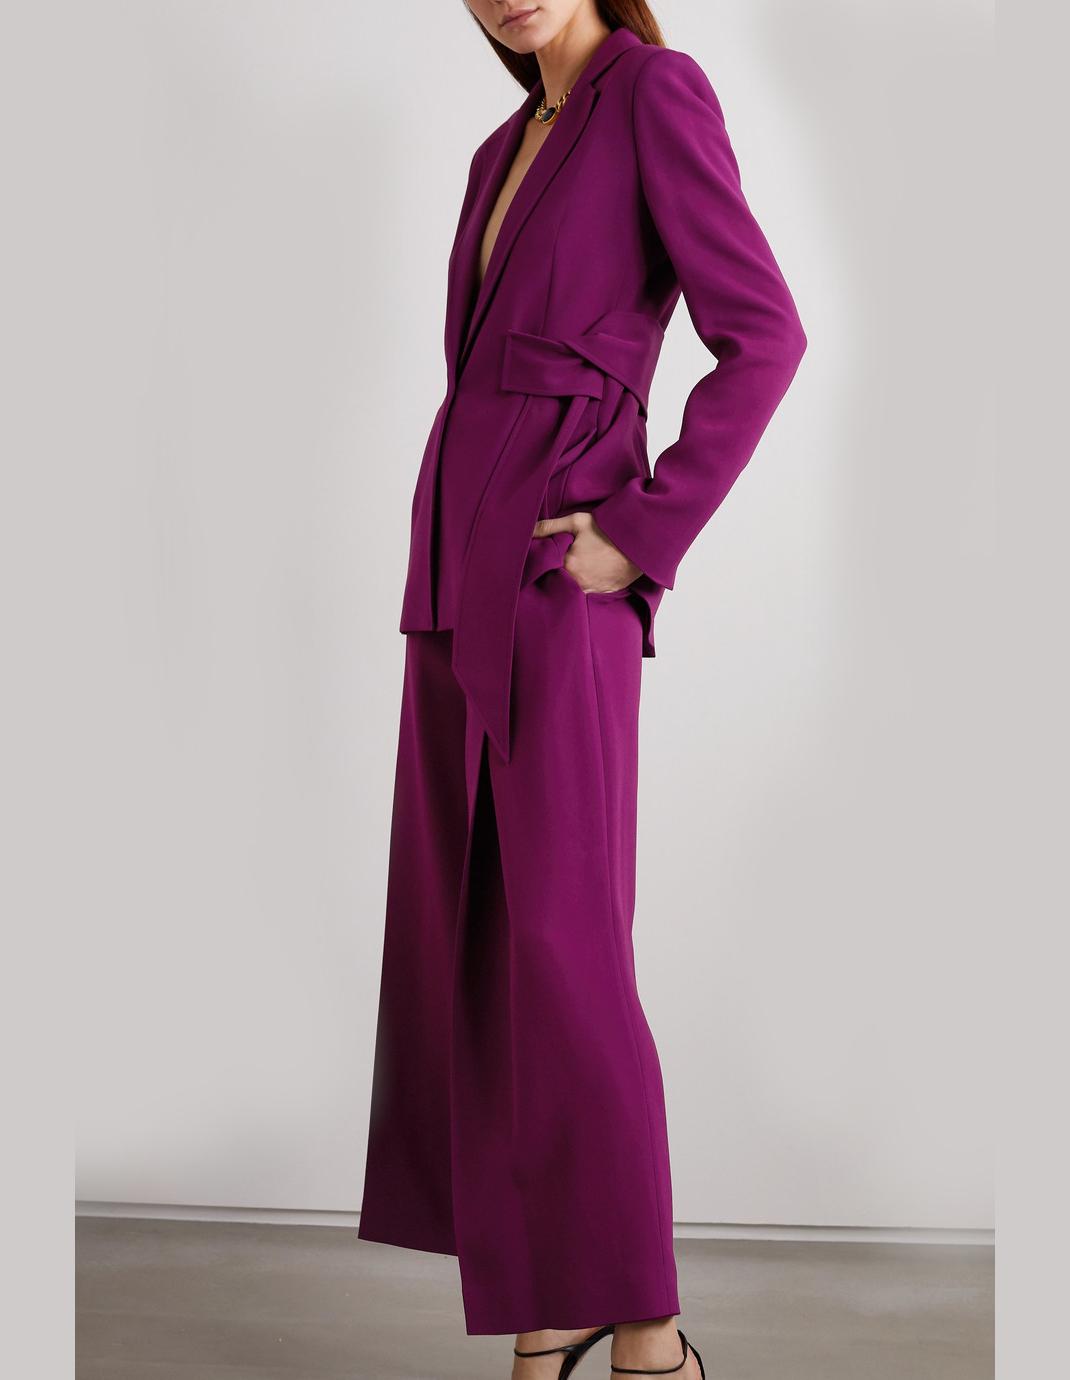 γυναίκα με βραδινό κοστούμι Roland Mouret